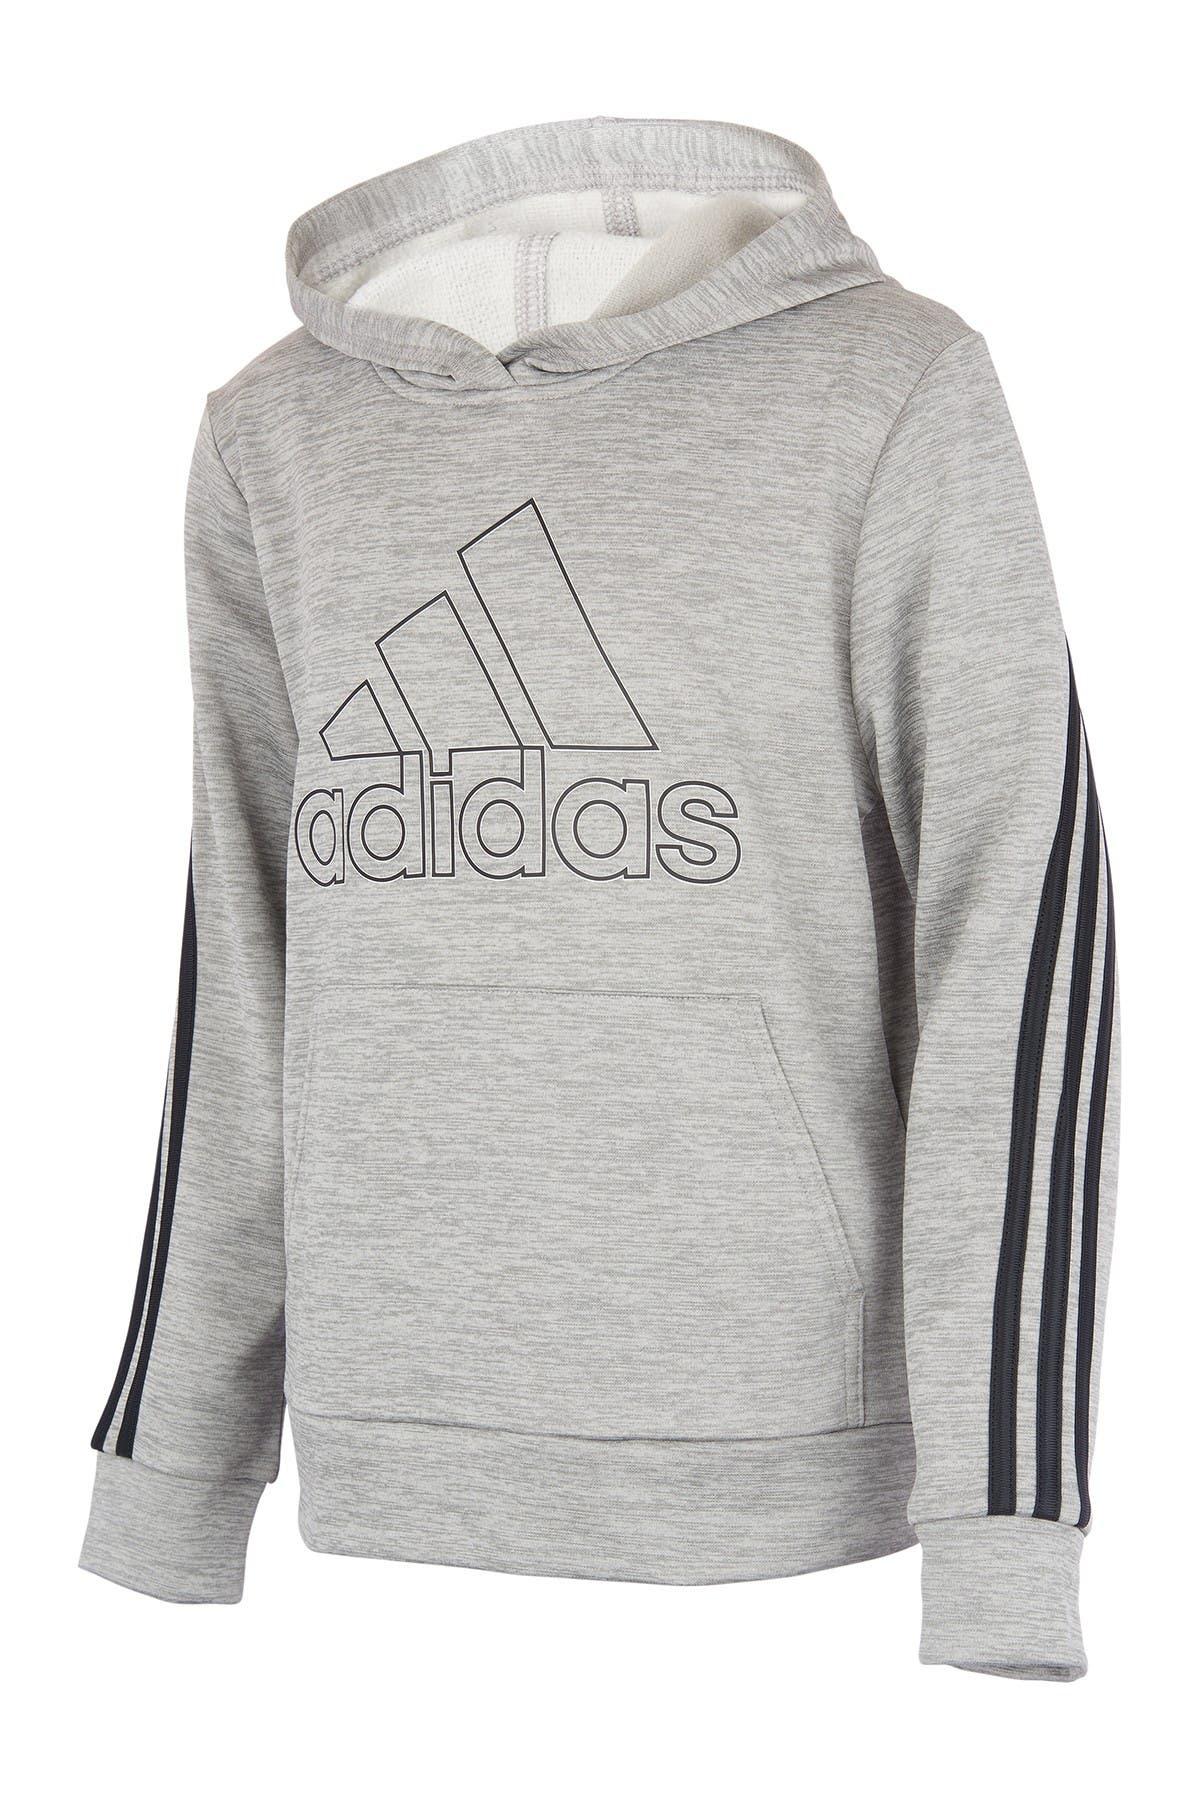 Image of adidas 3-Stripe Melange Pullover Hoodie